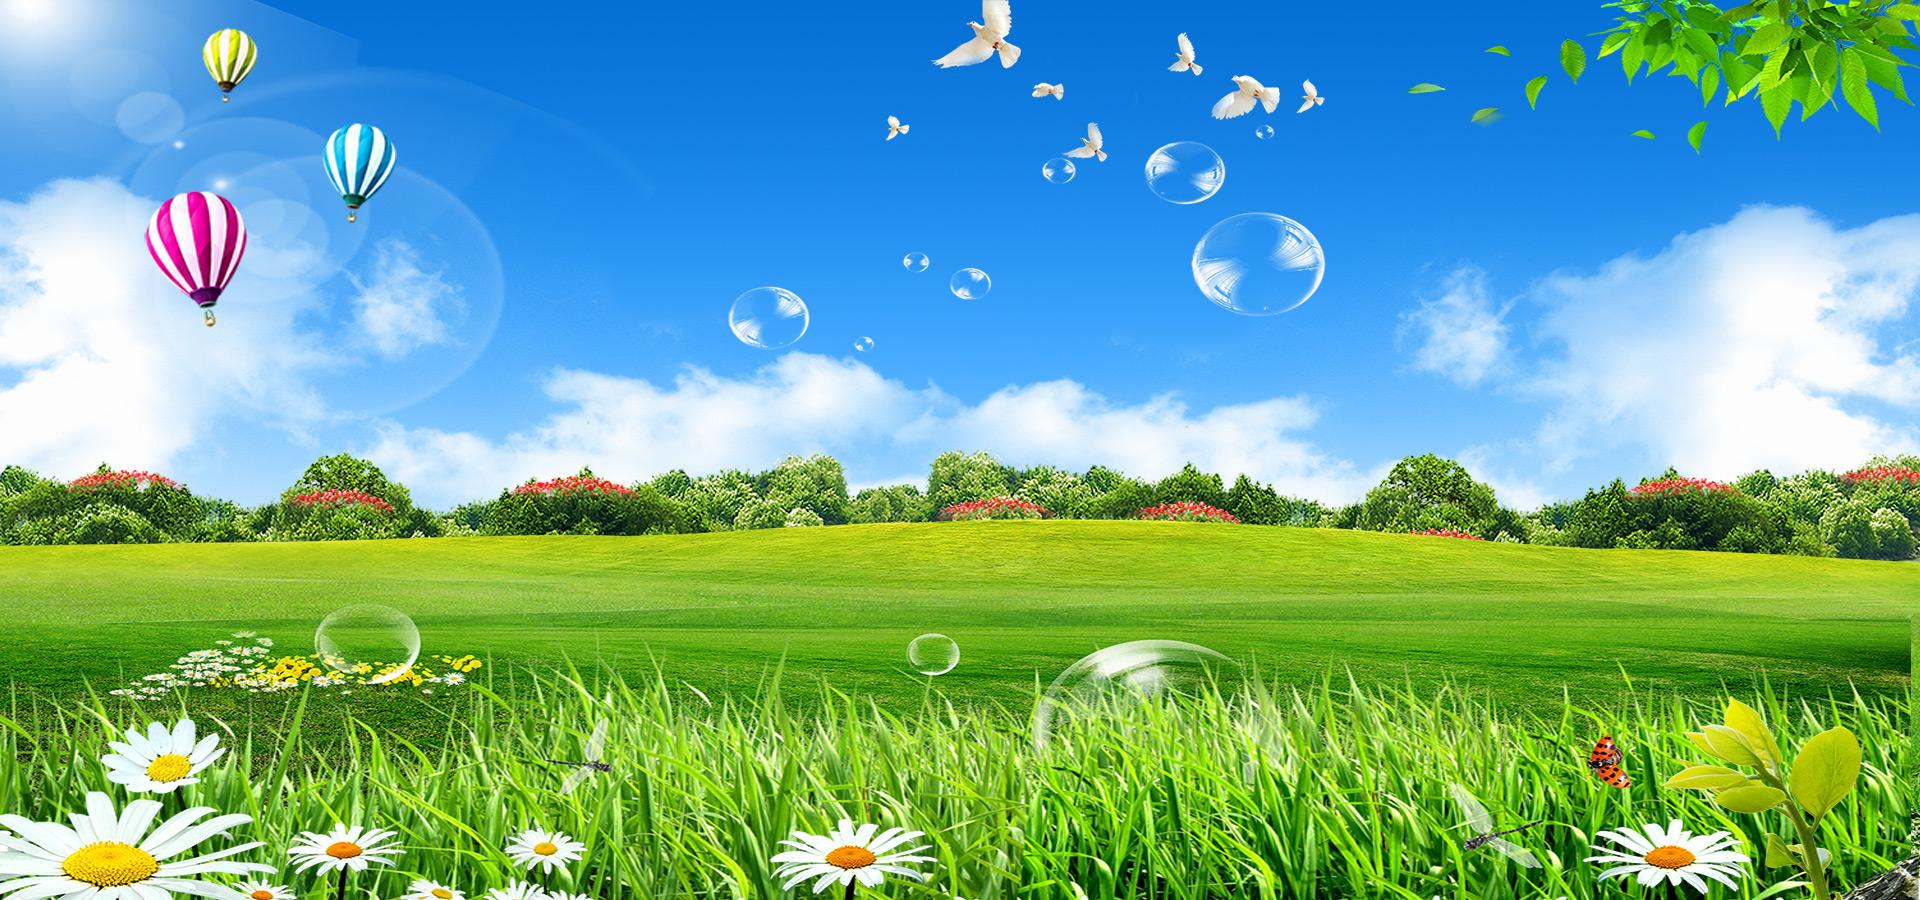 le bl u00e9 c u00e9r u00e9ales domaine meadow contexte de l u0026 39 herbe le